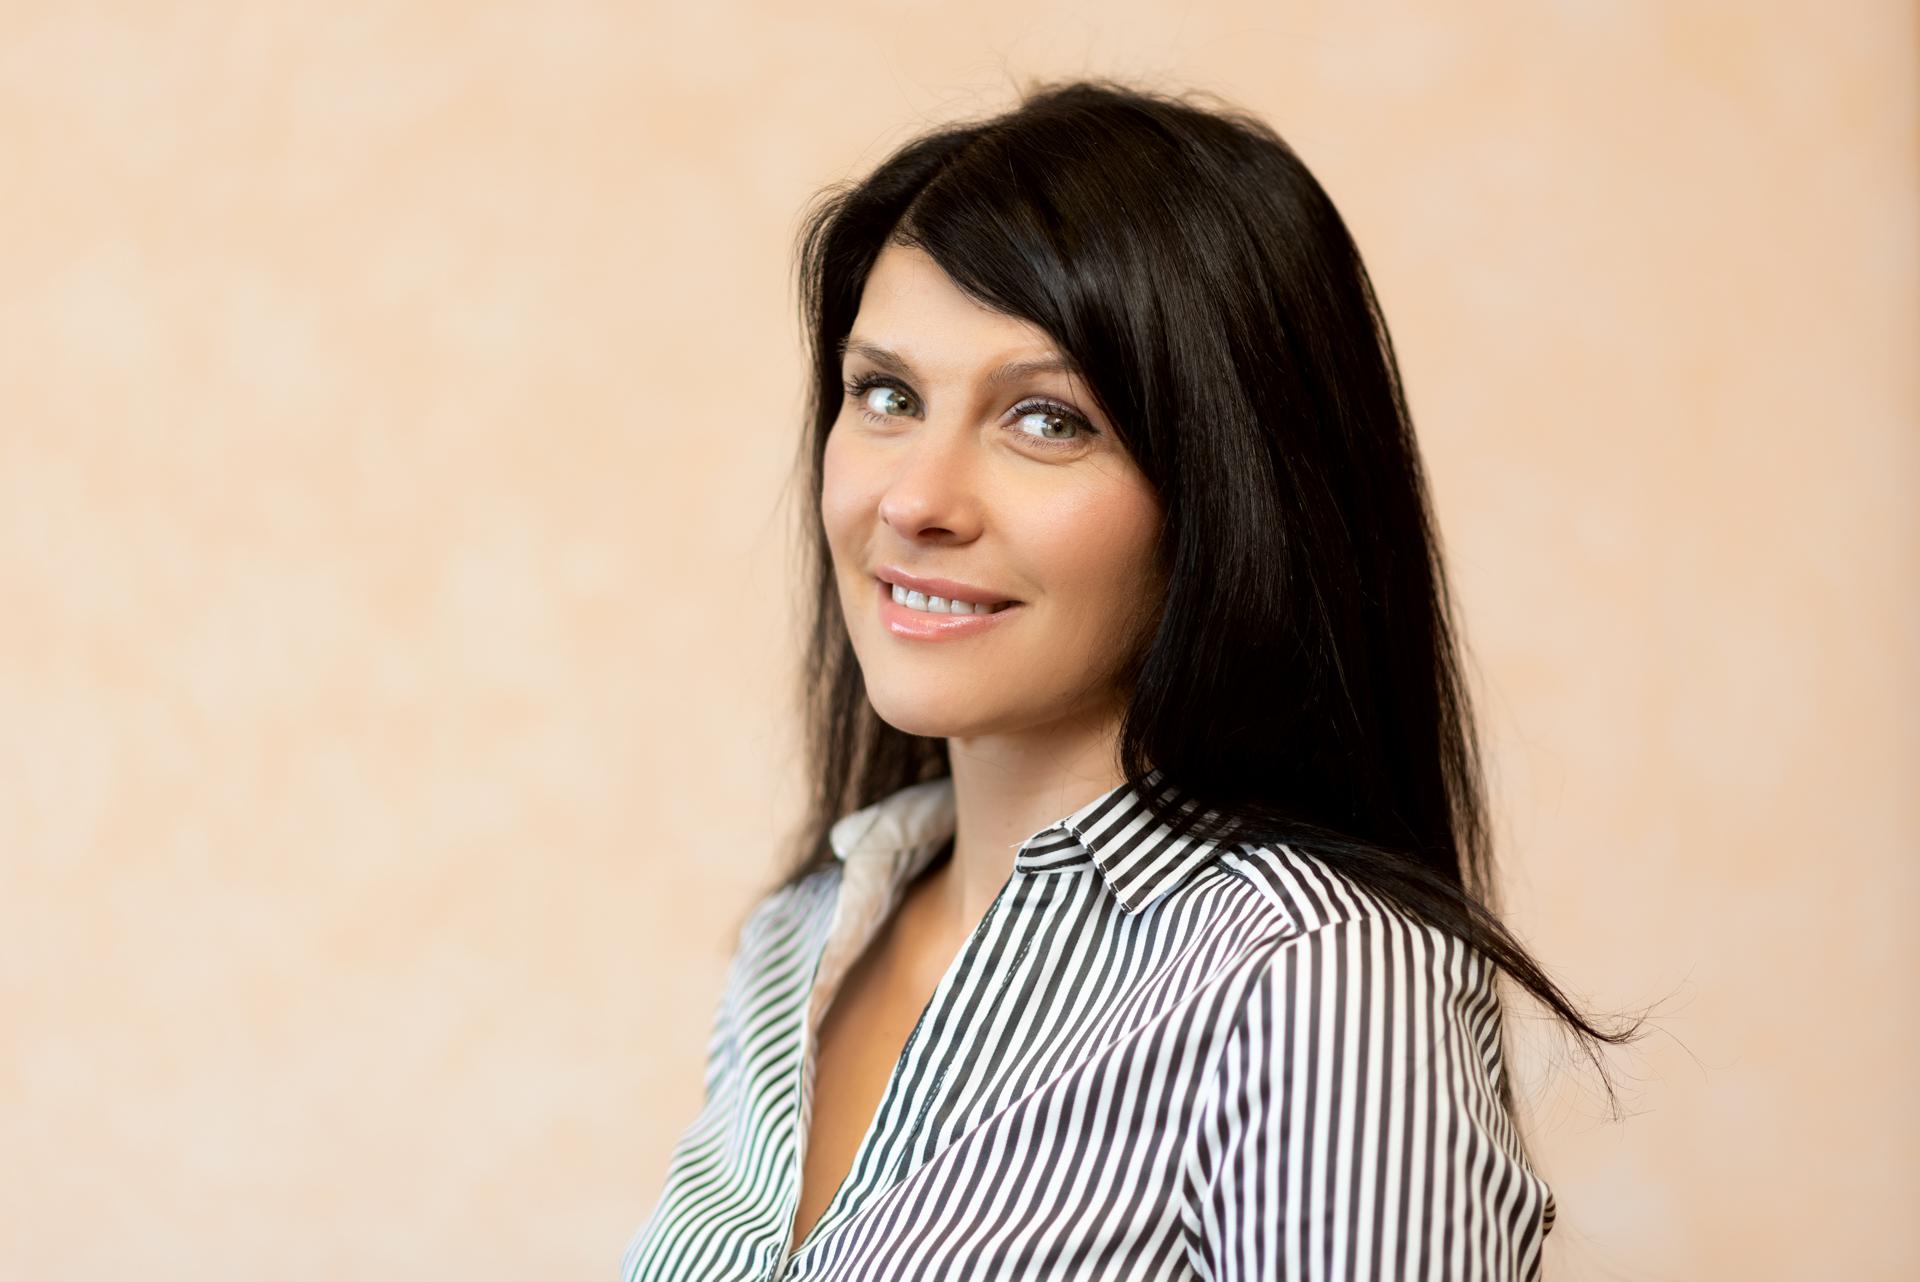 Викторова Екатерина ведущий специалист по бухгалтерскому учету, стаж 15 лет